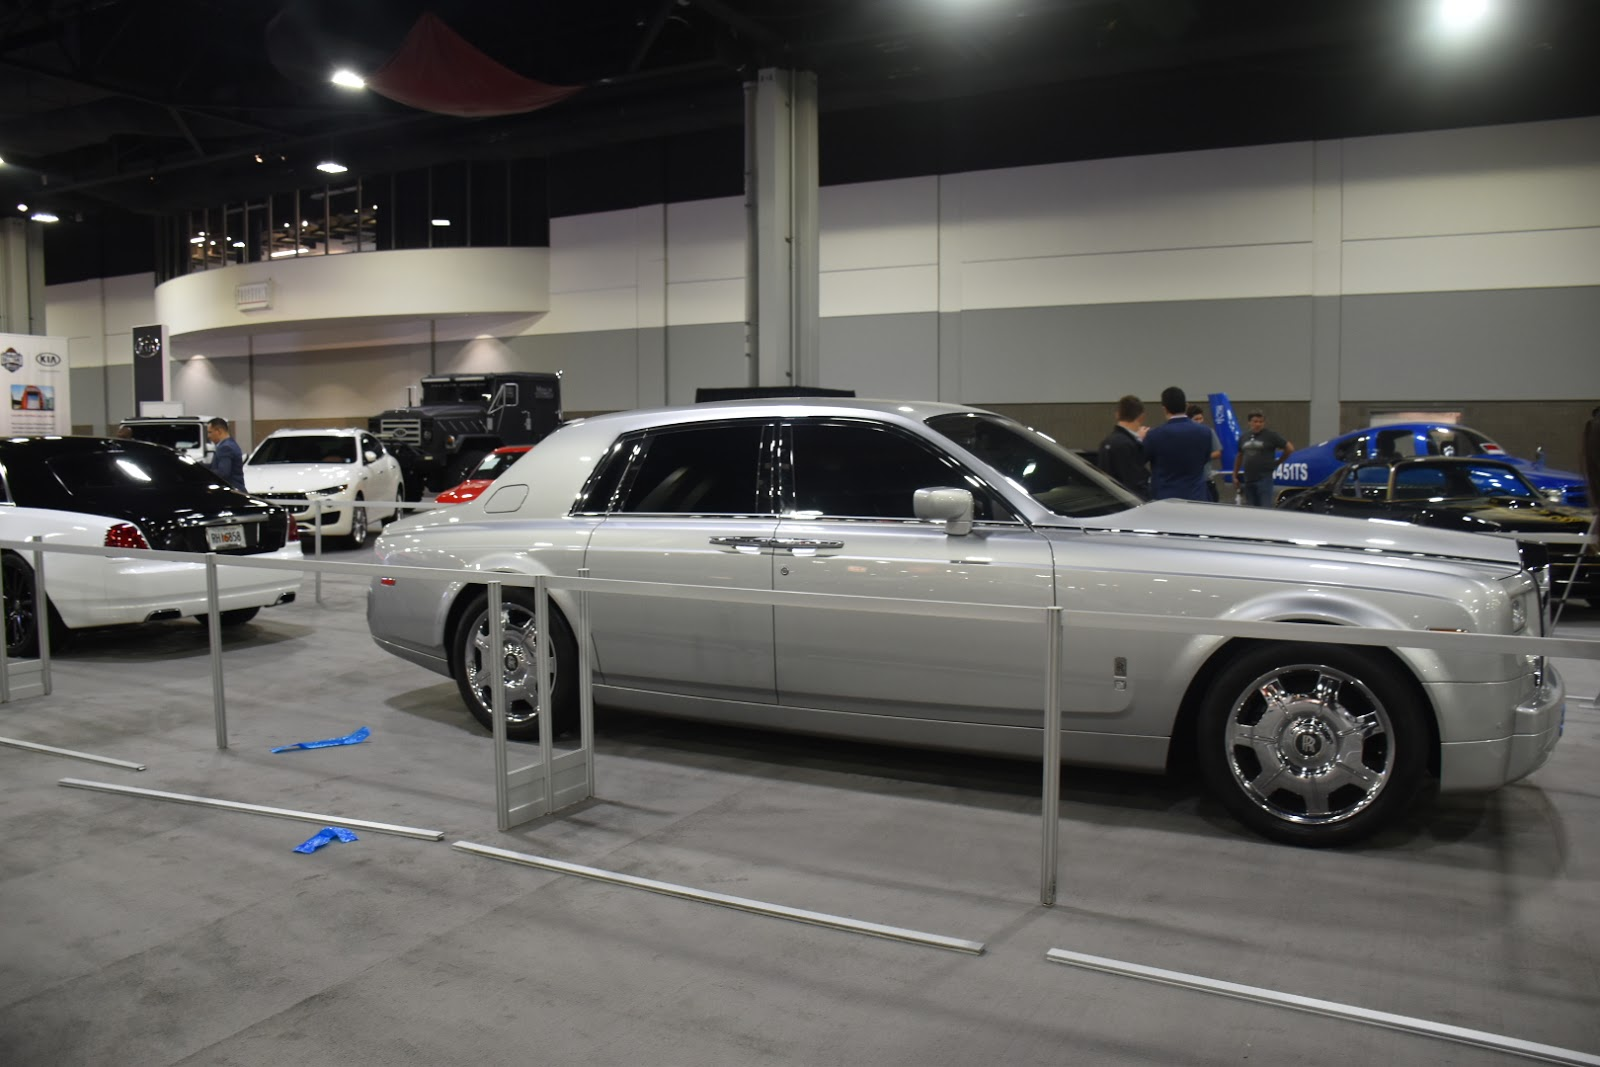 Atlanta Auto Show Recap with Video  via  www.productreviewmom.com